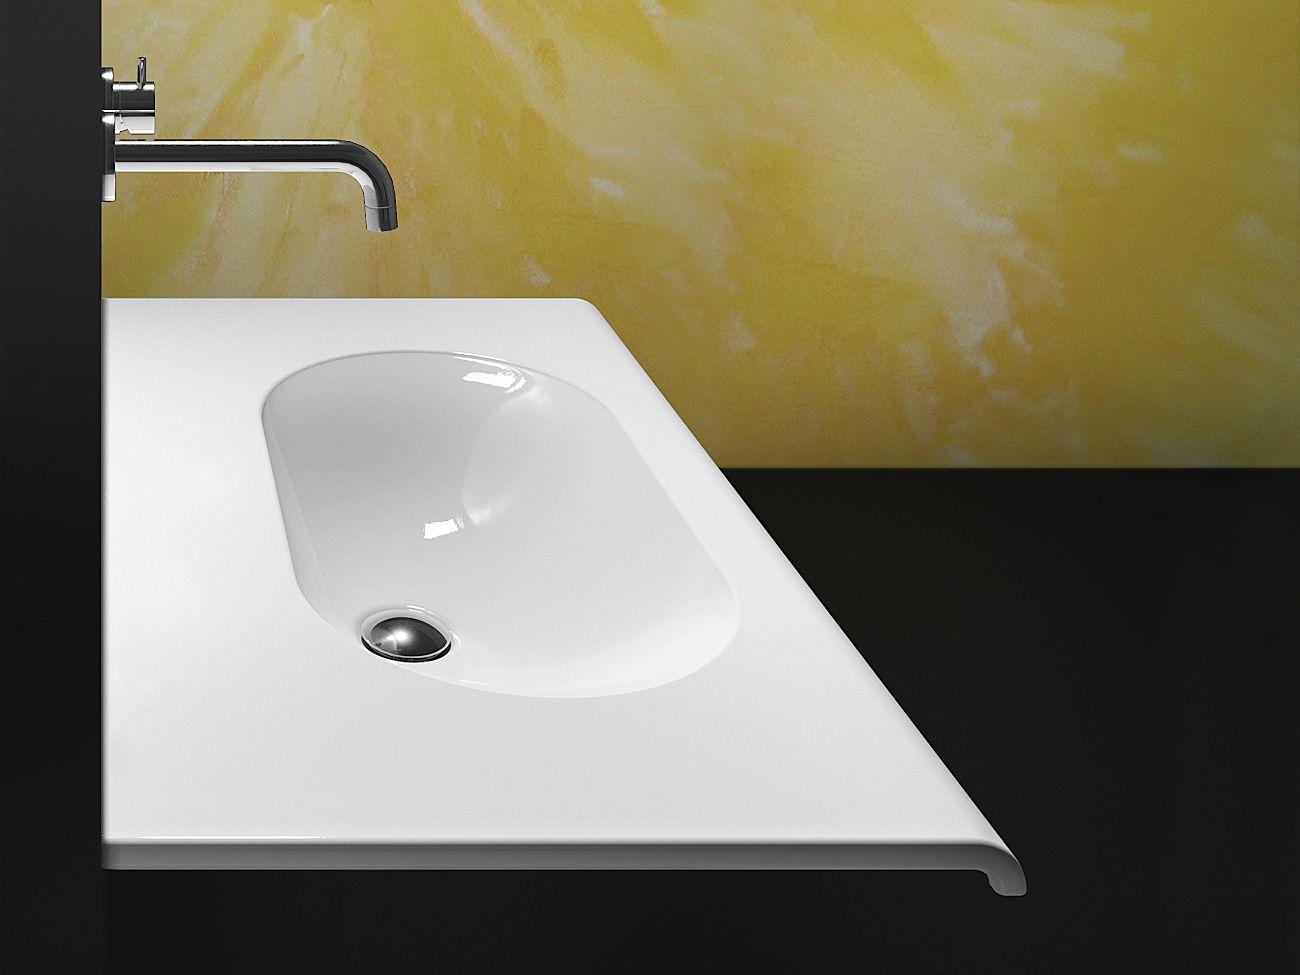 sfera 80 waschbecken by ceramica catalano design cdc catalano. Black Bedroom Furniture Sets. Home Design Ideas